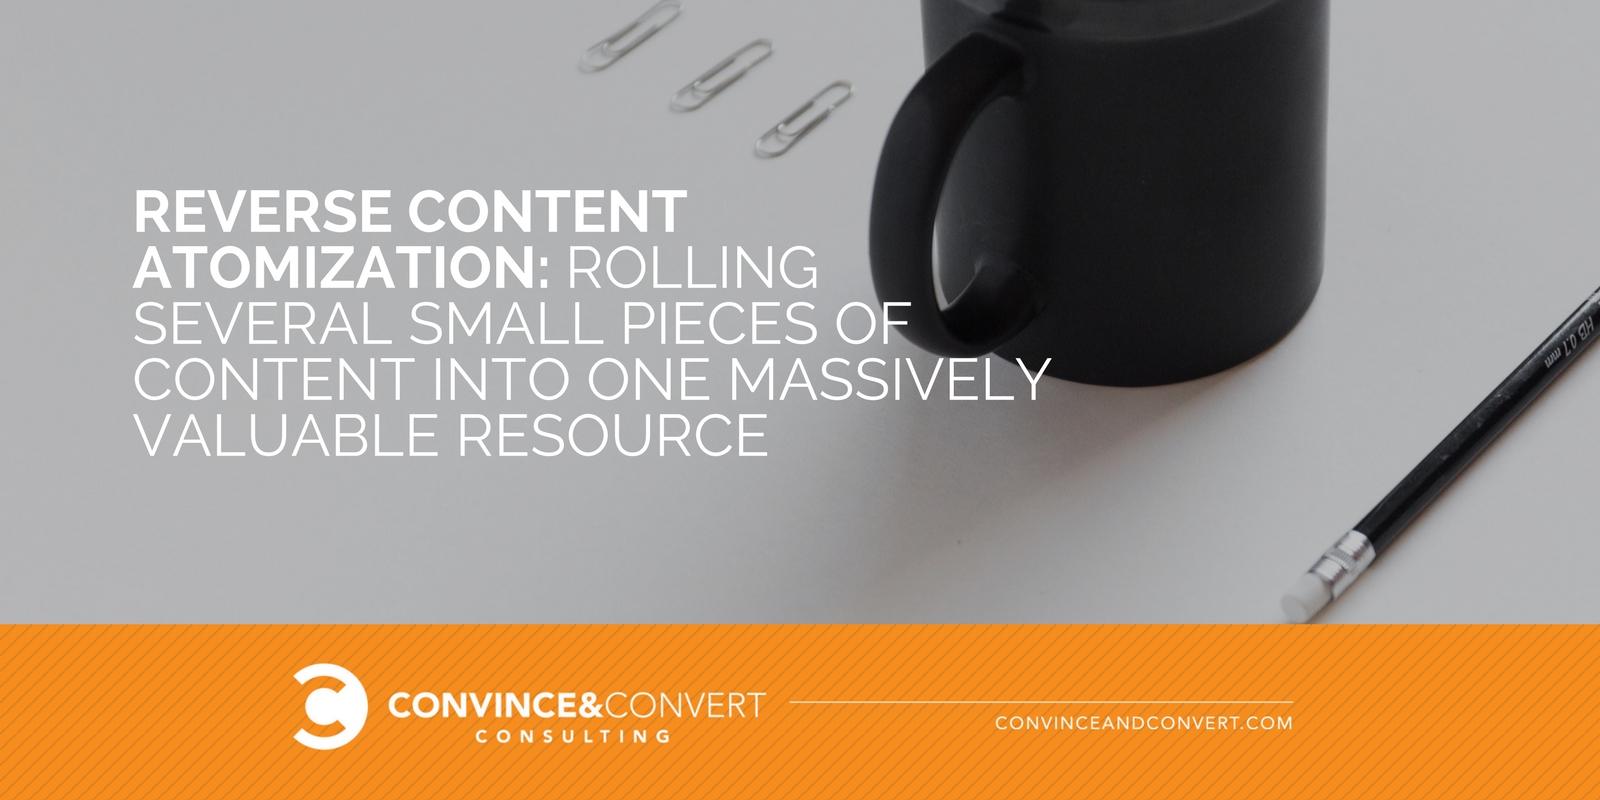 Atomizzazione del contenuto inverso